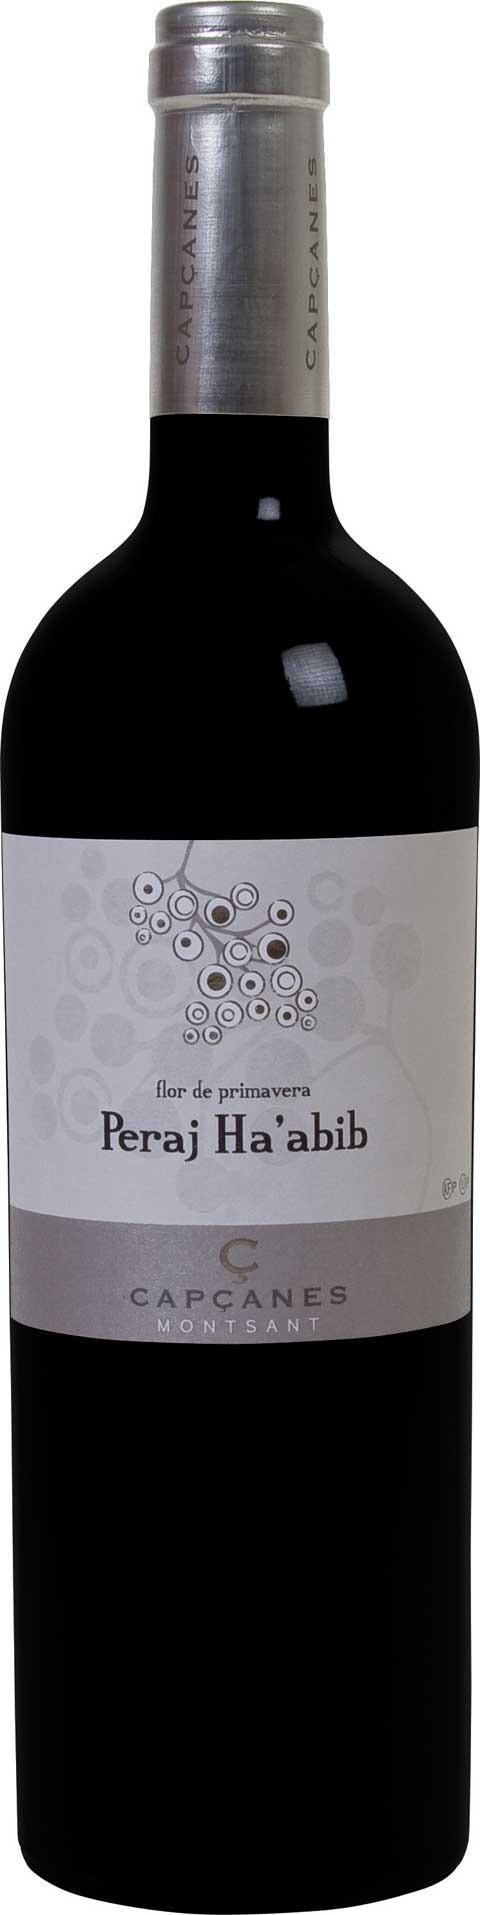 peraj-ha-abib-2008